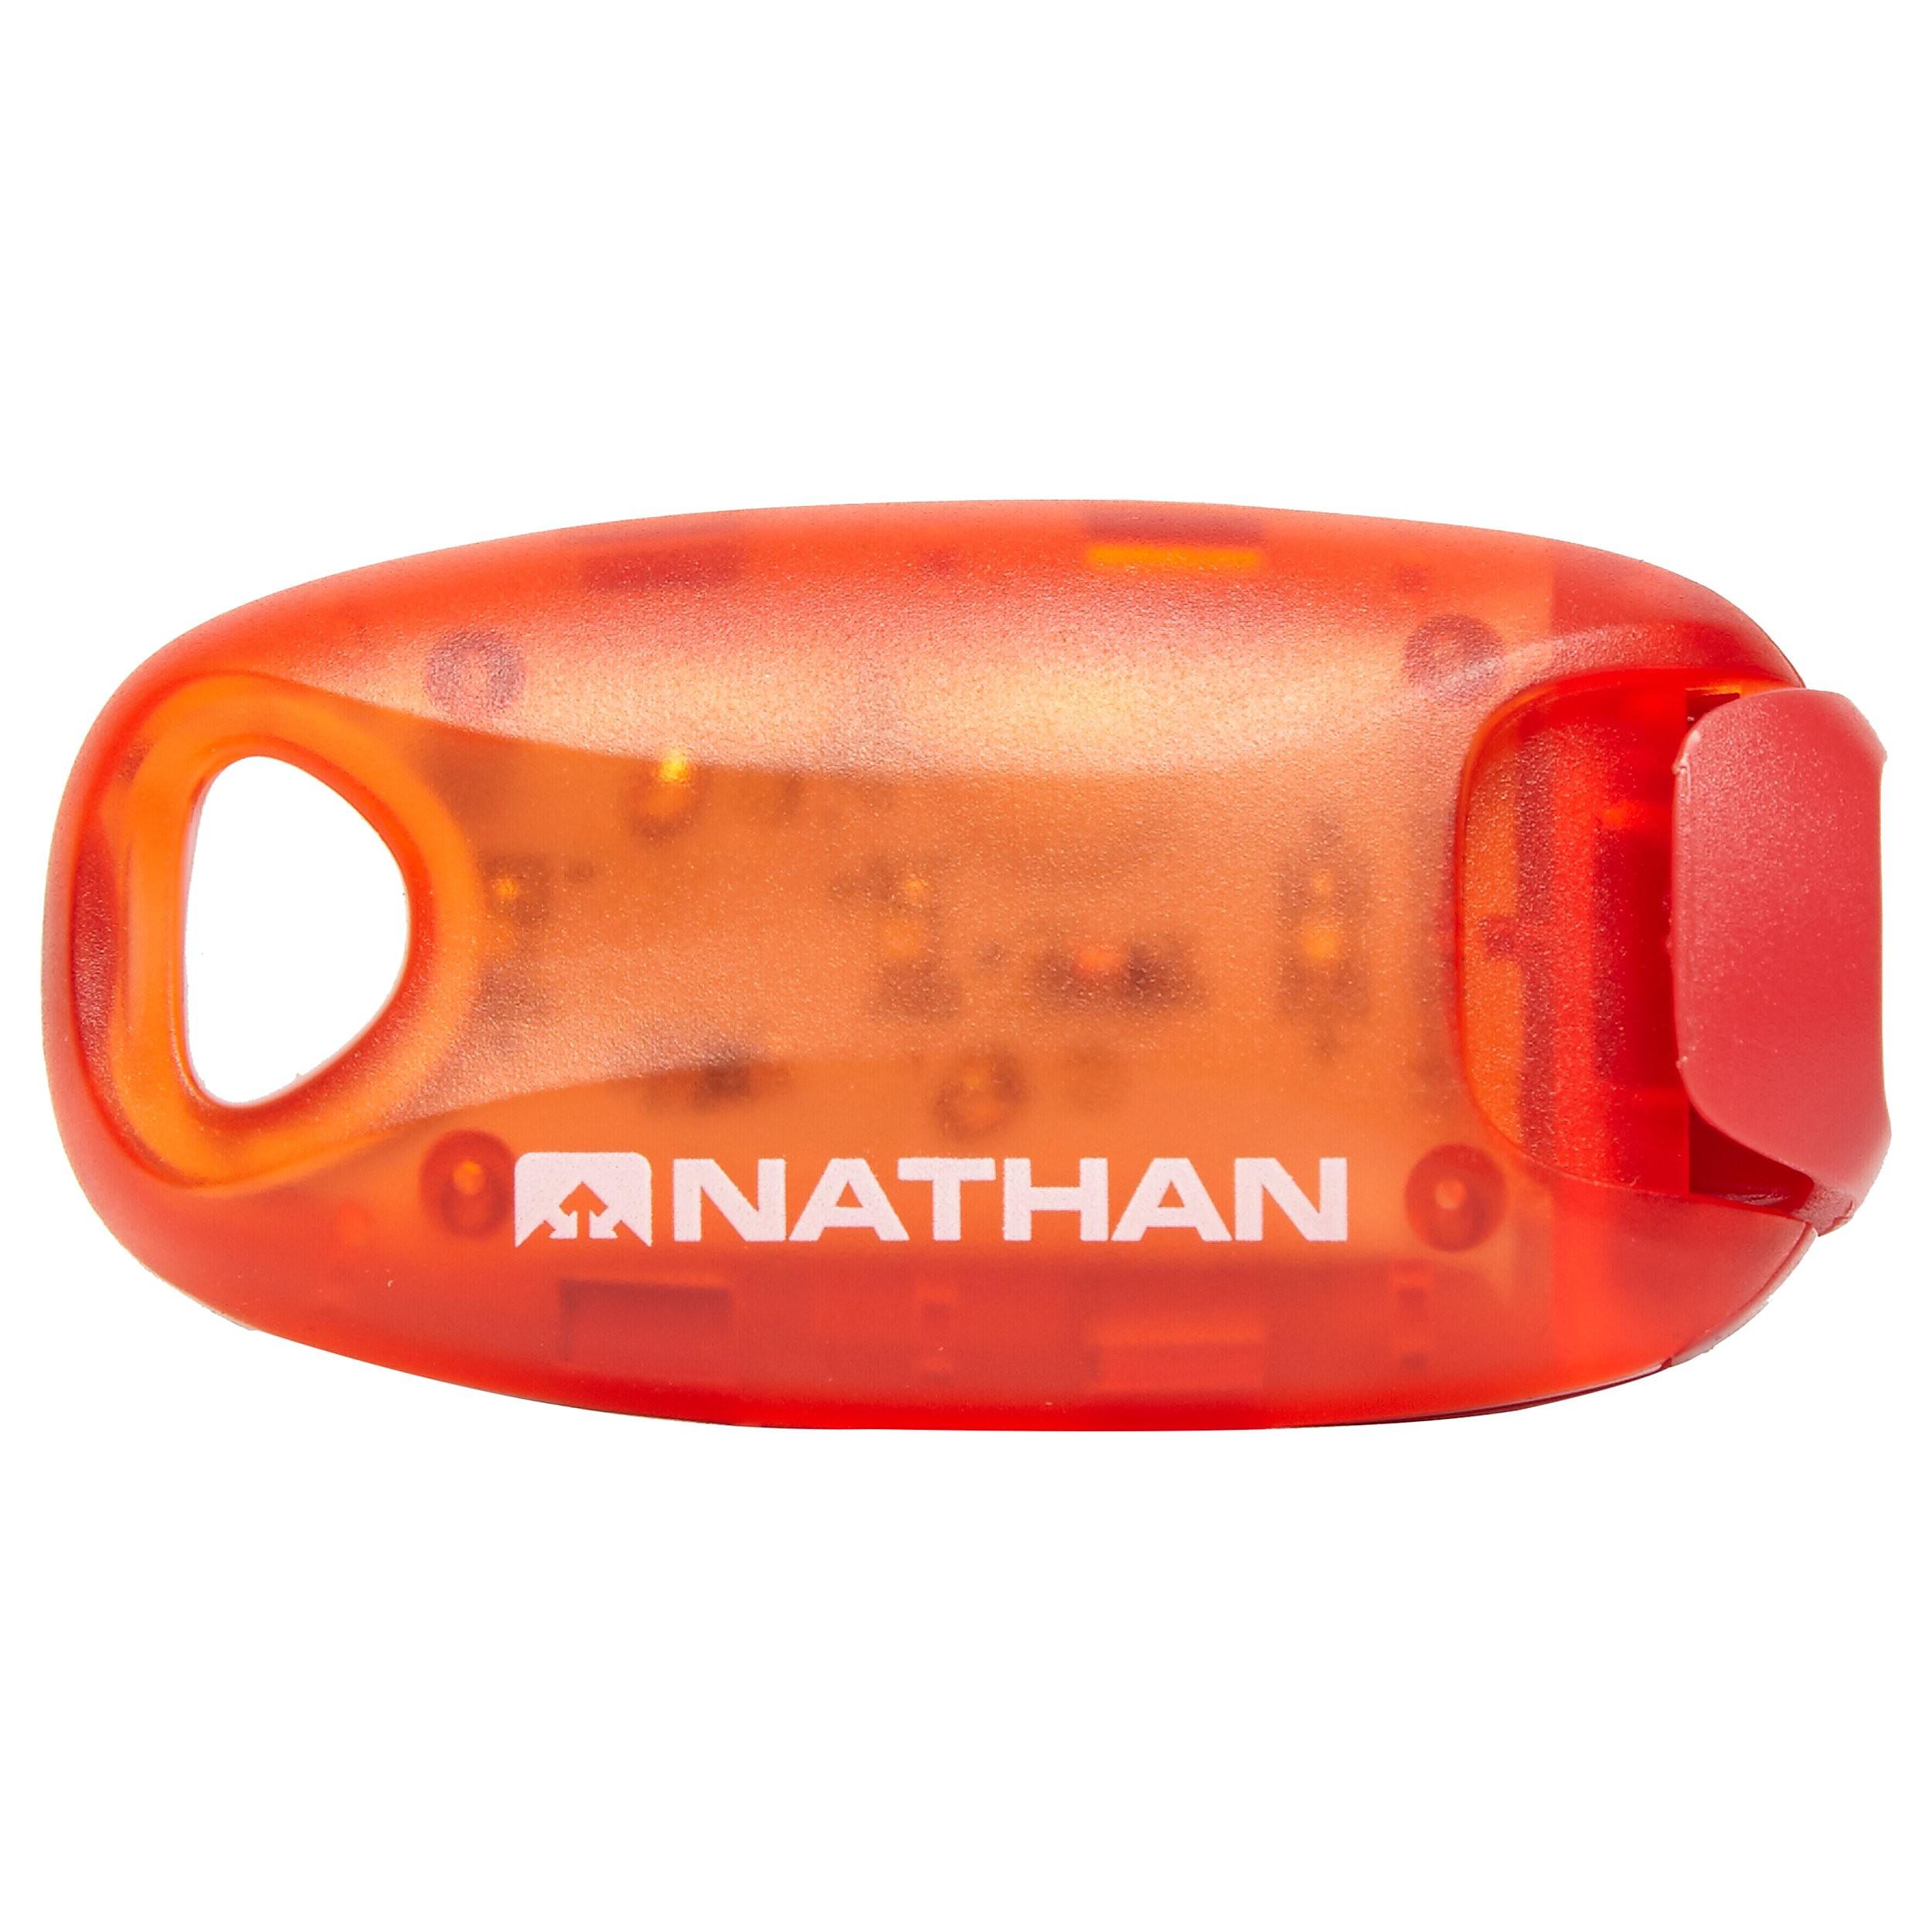 NATHAN StrobeLight